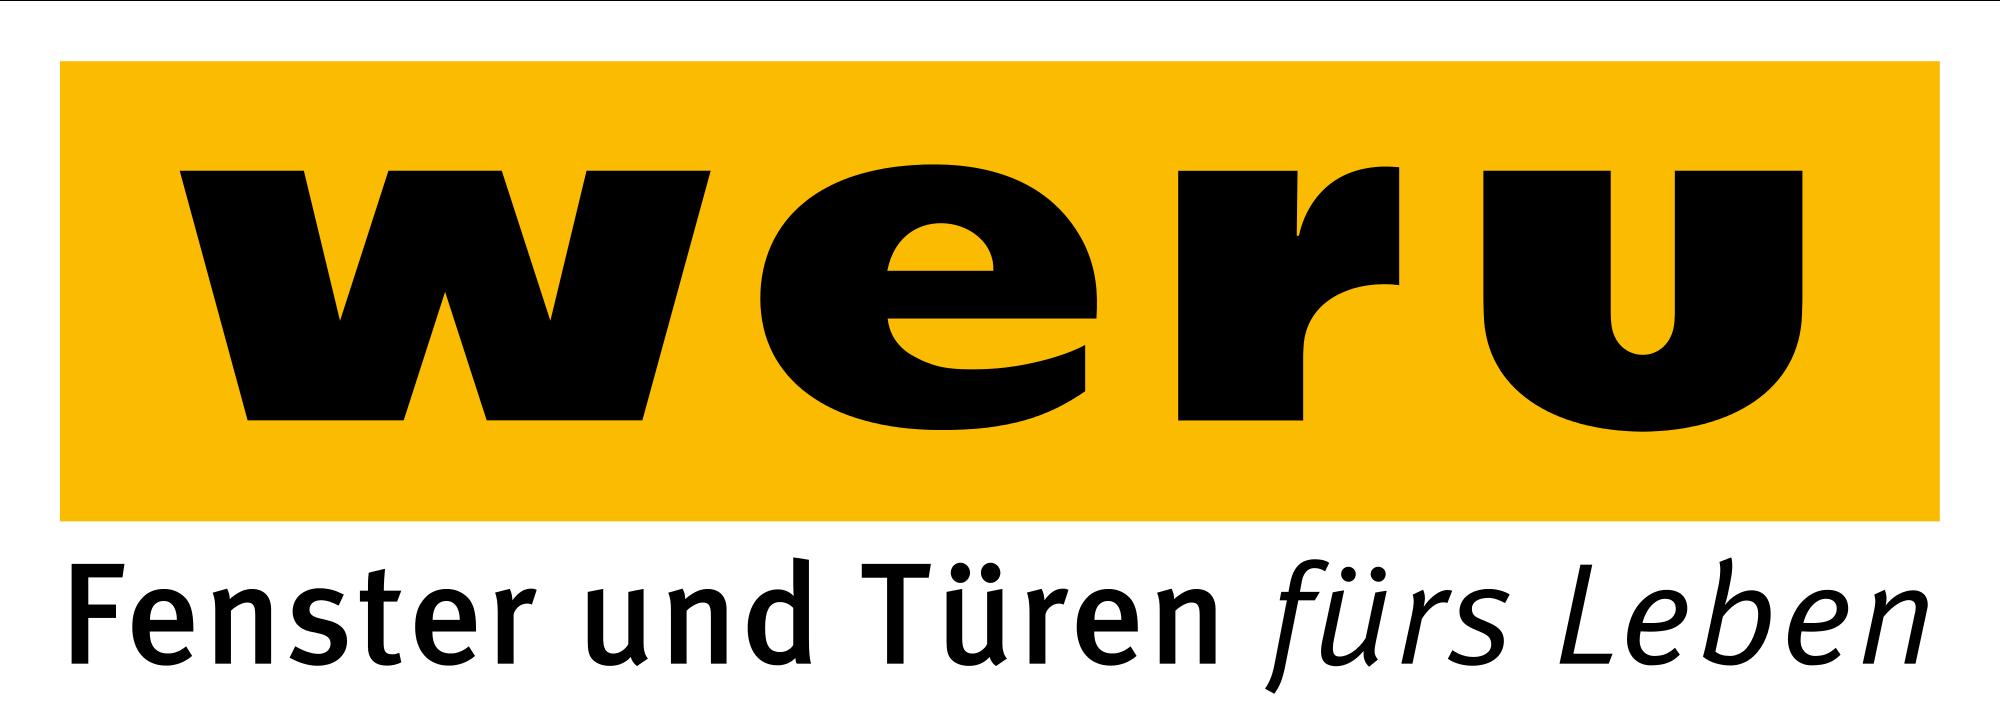 Westerheide fenster haust ren rolladen und sonnenschutz for Weru fensterkonfigurator